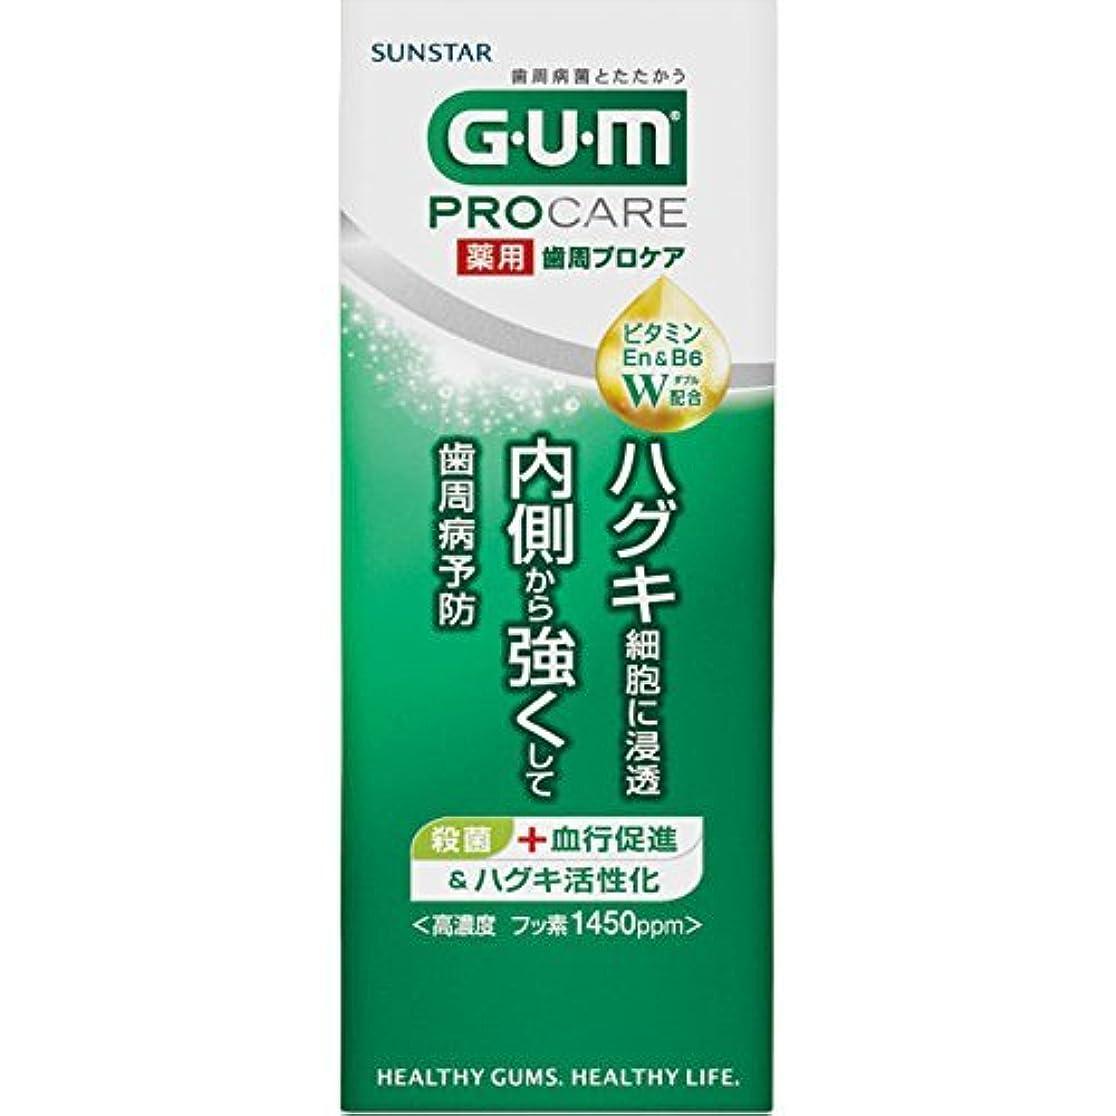 応援する尊敬する実行[医薬部外品] GUM(ガム) 歯周プロケア 歯みがき 50g <歯周病予防 ハグキケア 高濃度フッ素配合1,450ppm>